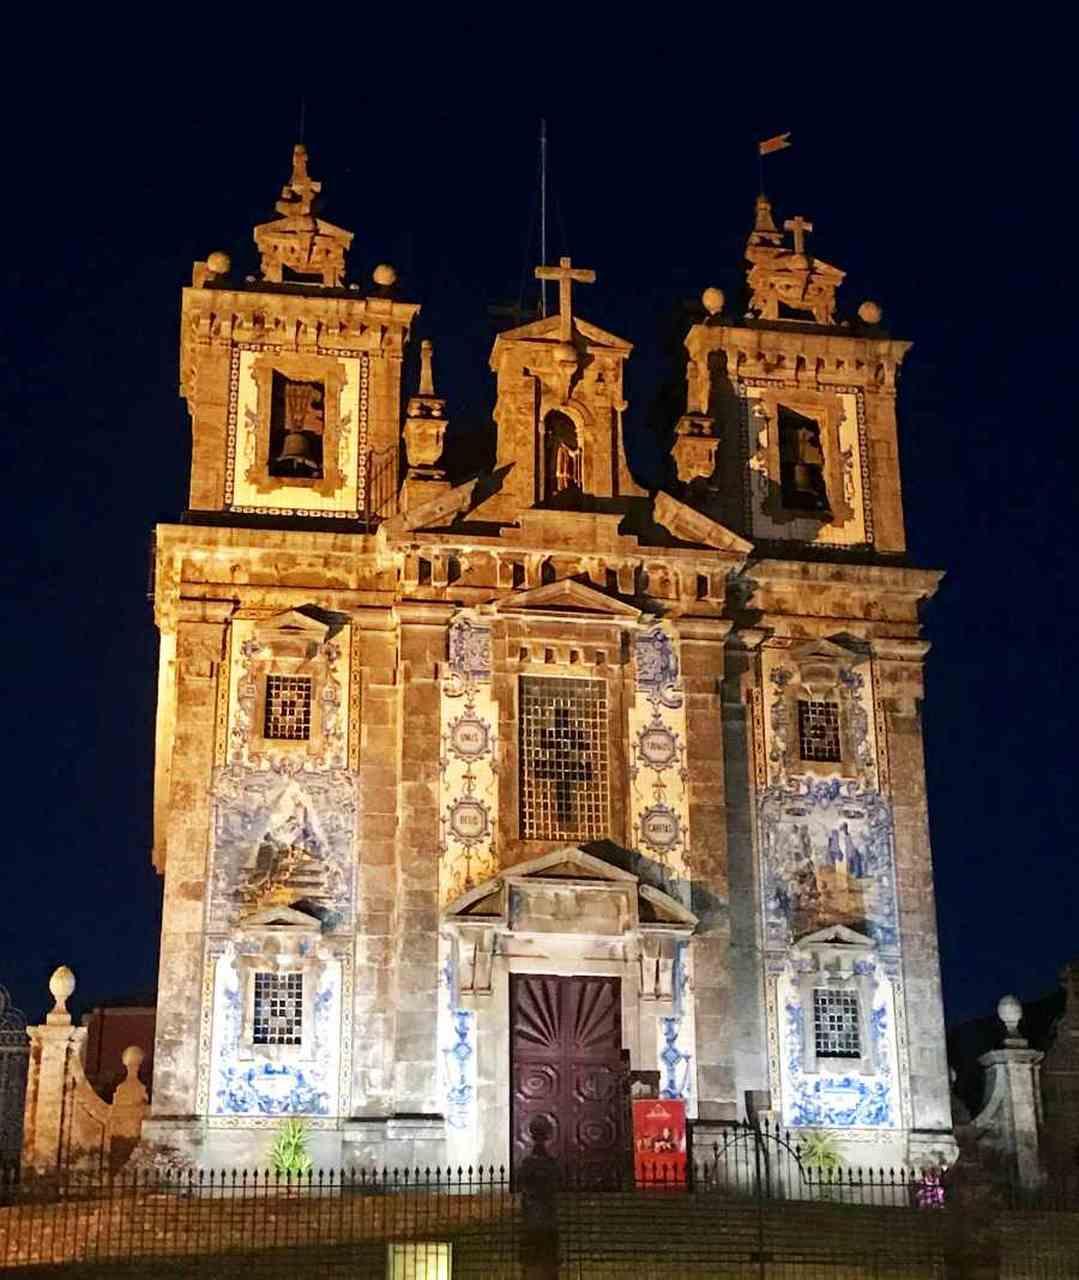 Igreja de Ildefonso - O que fazer em Porto Portugal